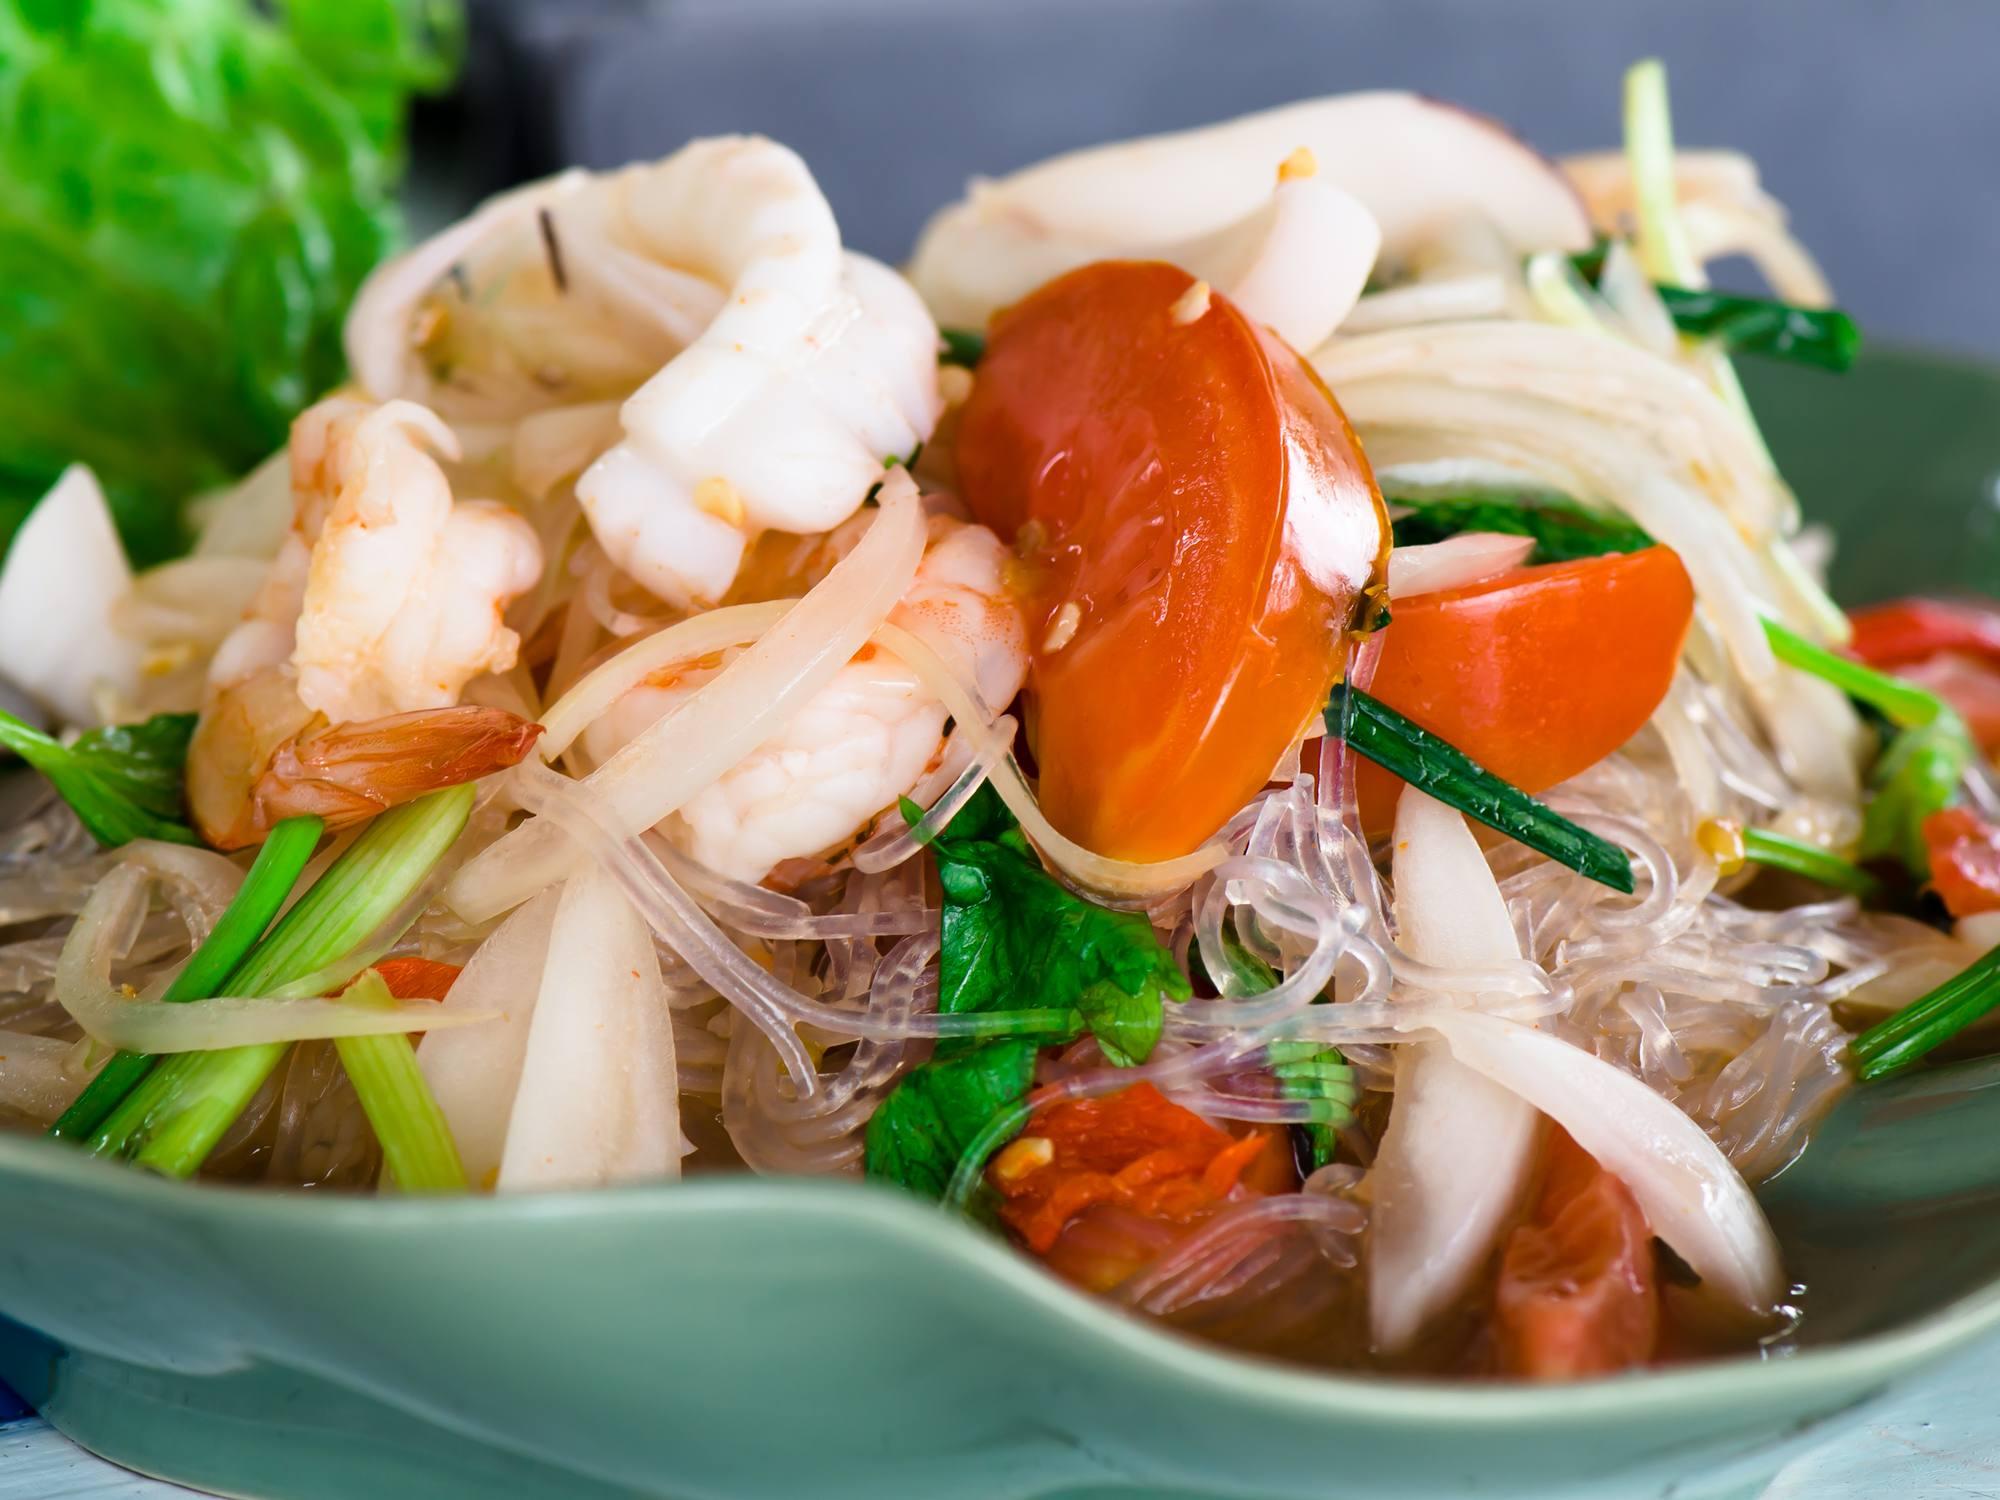 စားမြိန်ဖွယ် ပင်လယ်စာ ပဲကြာဆံသုပ်နည်း